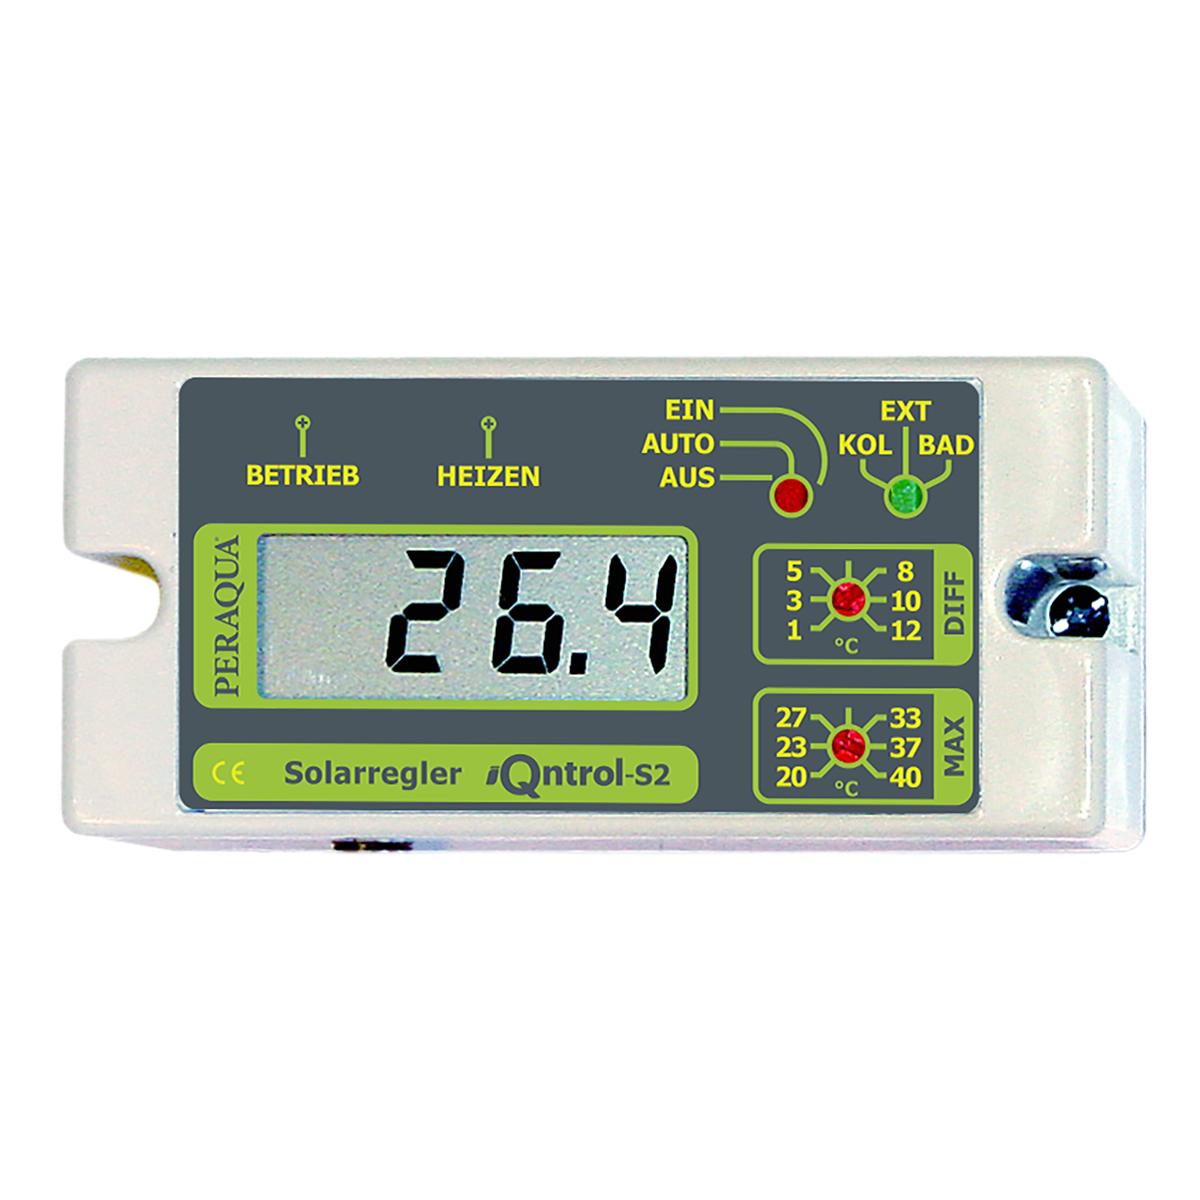 """iQntrol-S2 Solarsteuerung mit großer Digitalanzeige mit manueller Einstellung Tmax. (20-40°C), Schalter für Hand-, Aus-, und Automatikbetrieb, inkl. 2x Temperaturfühler undTauchhülse ½"""" iQntrol-S2 Solarsteuerung mit großer Digitalanzeige mit manueller Einstellung Tmax. (20-40°C), Schalter für Hand-, Aus-, und Automatikbetrieb, inkl. 2x Temperaturfühler undTauchhülse ½"""""""